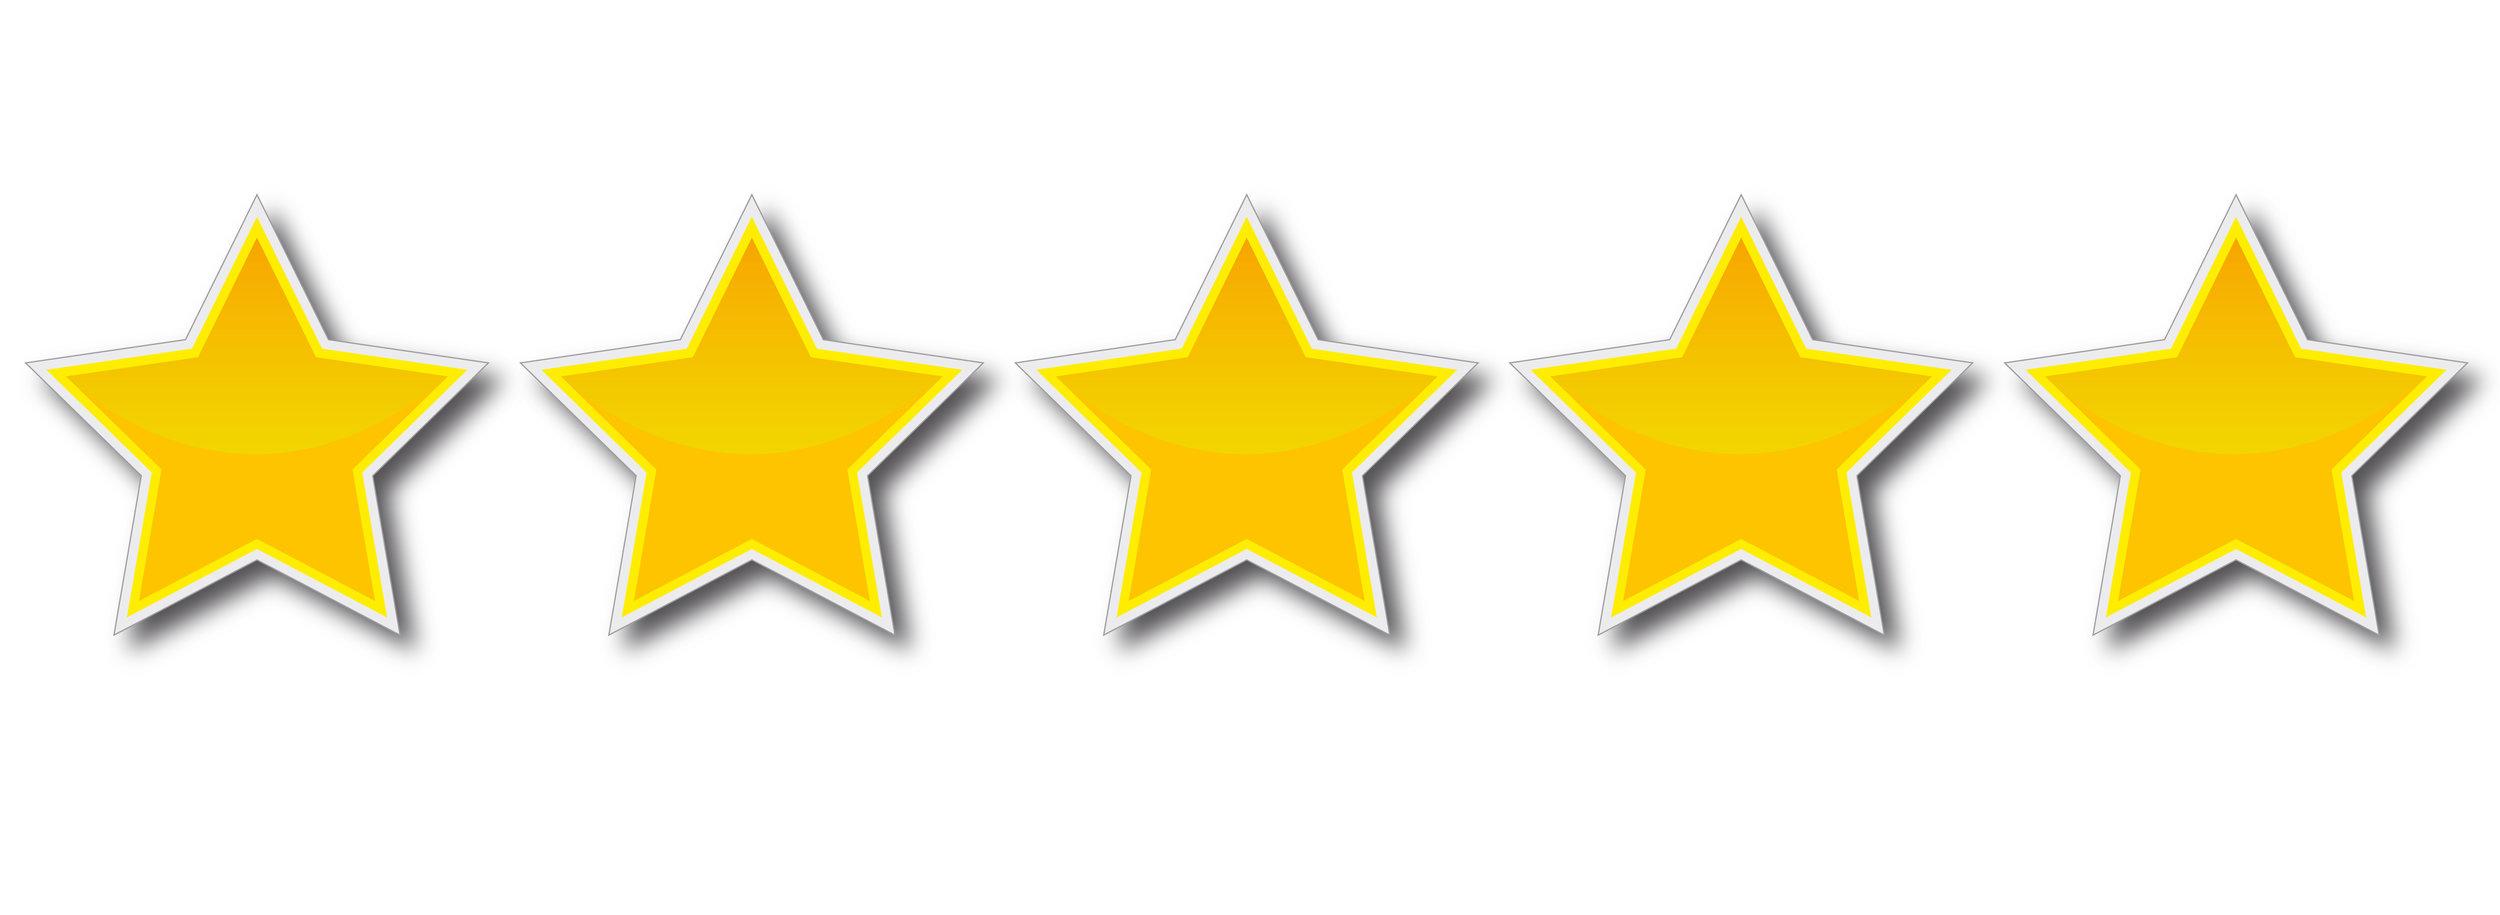 Five Star Rating for LeaderSurf